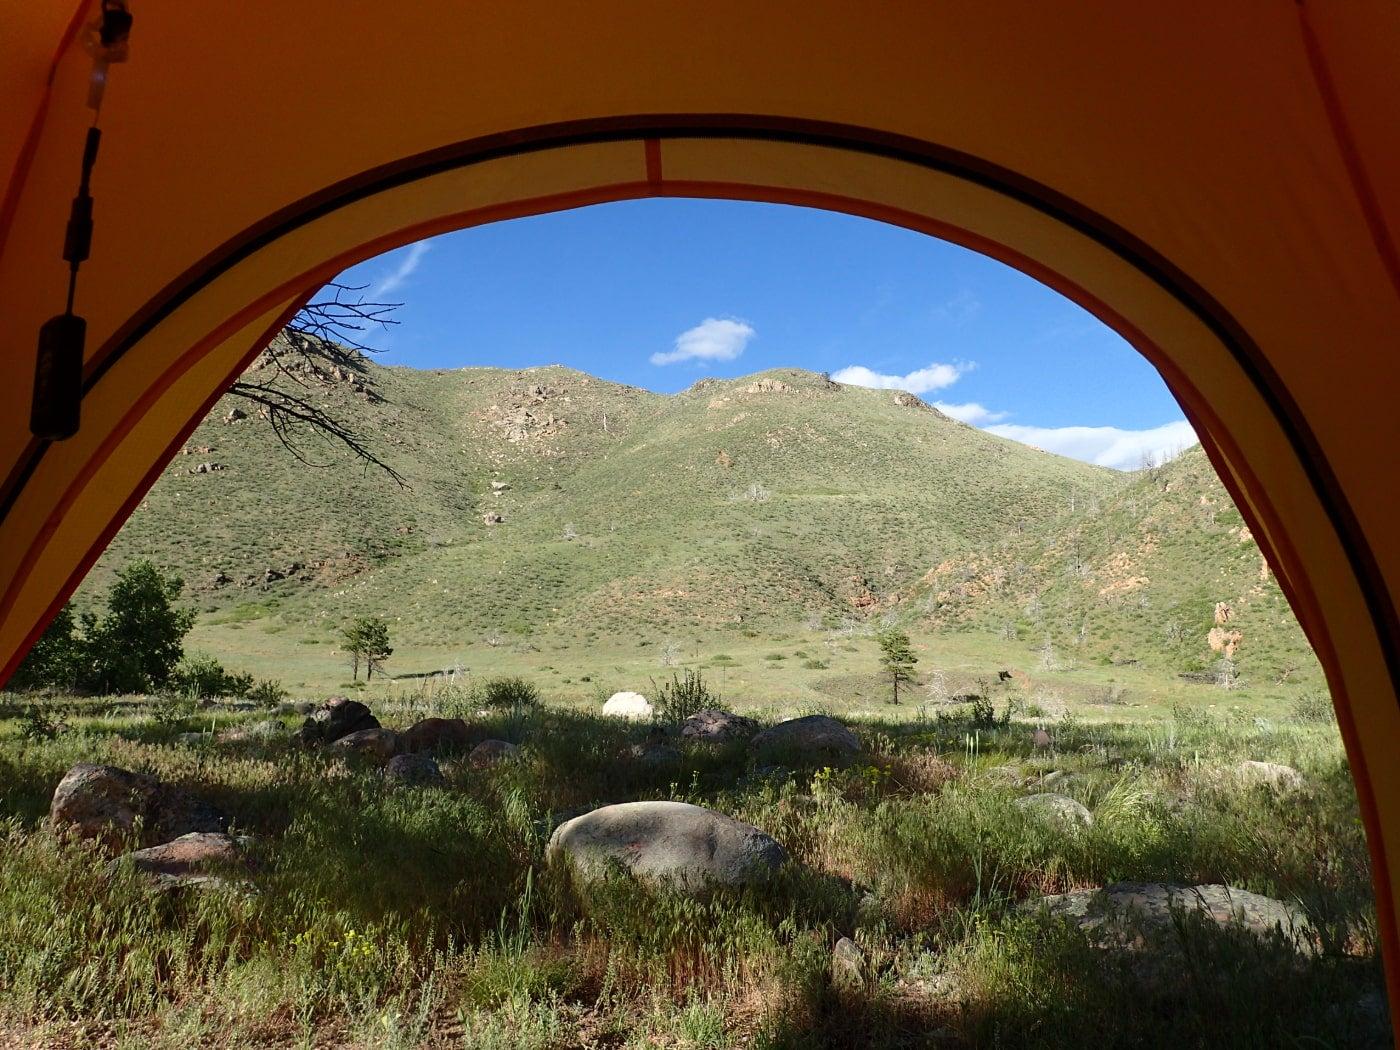 View of a colorado mountain through the door of an orange tent.